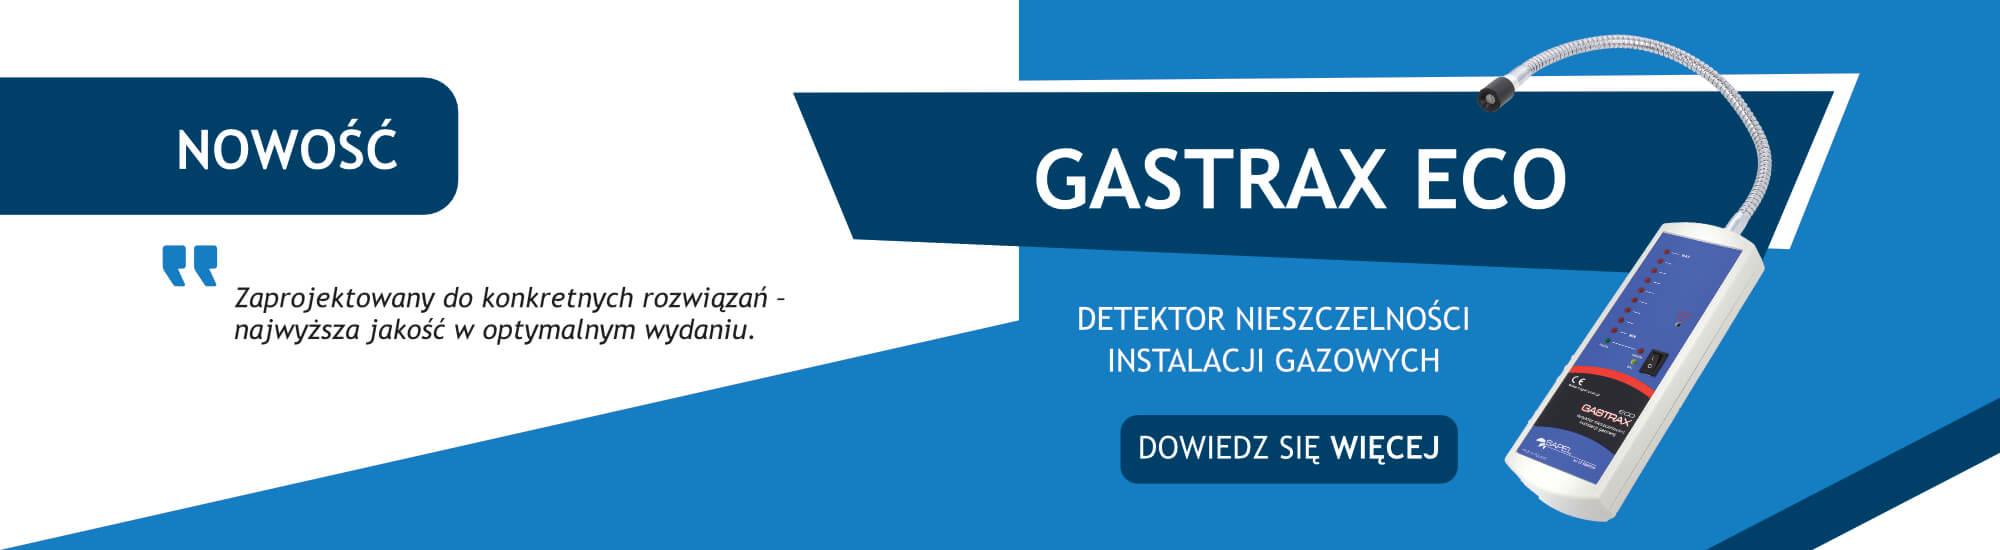 detektor nieszczelności instalacji gazowych